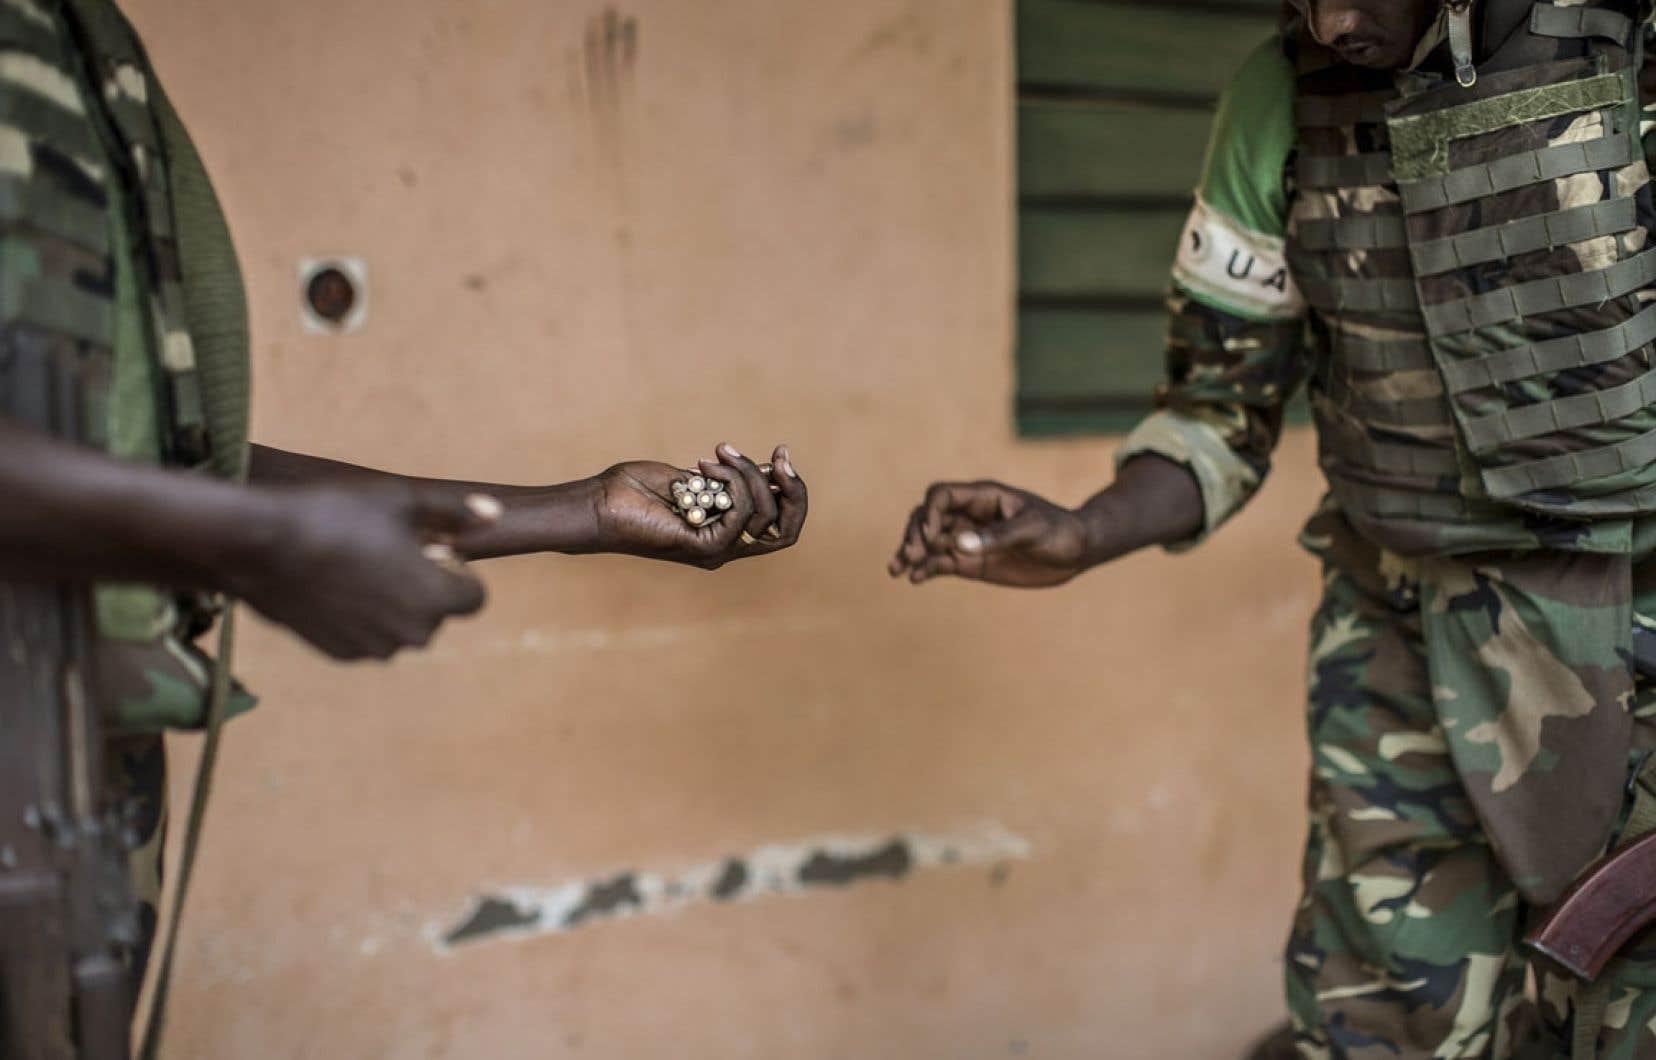 Des soldats de la paix comptent des munitions apportées par des habitants de Bangui lors de l'opération de désarmement qui a eu lieu dimanche dans la capitale centrafricaine.